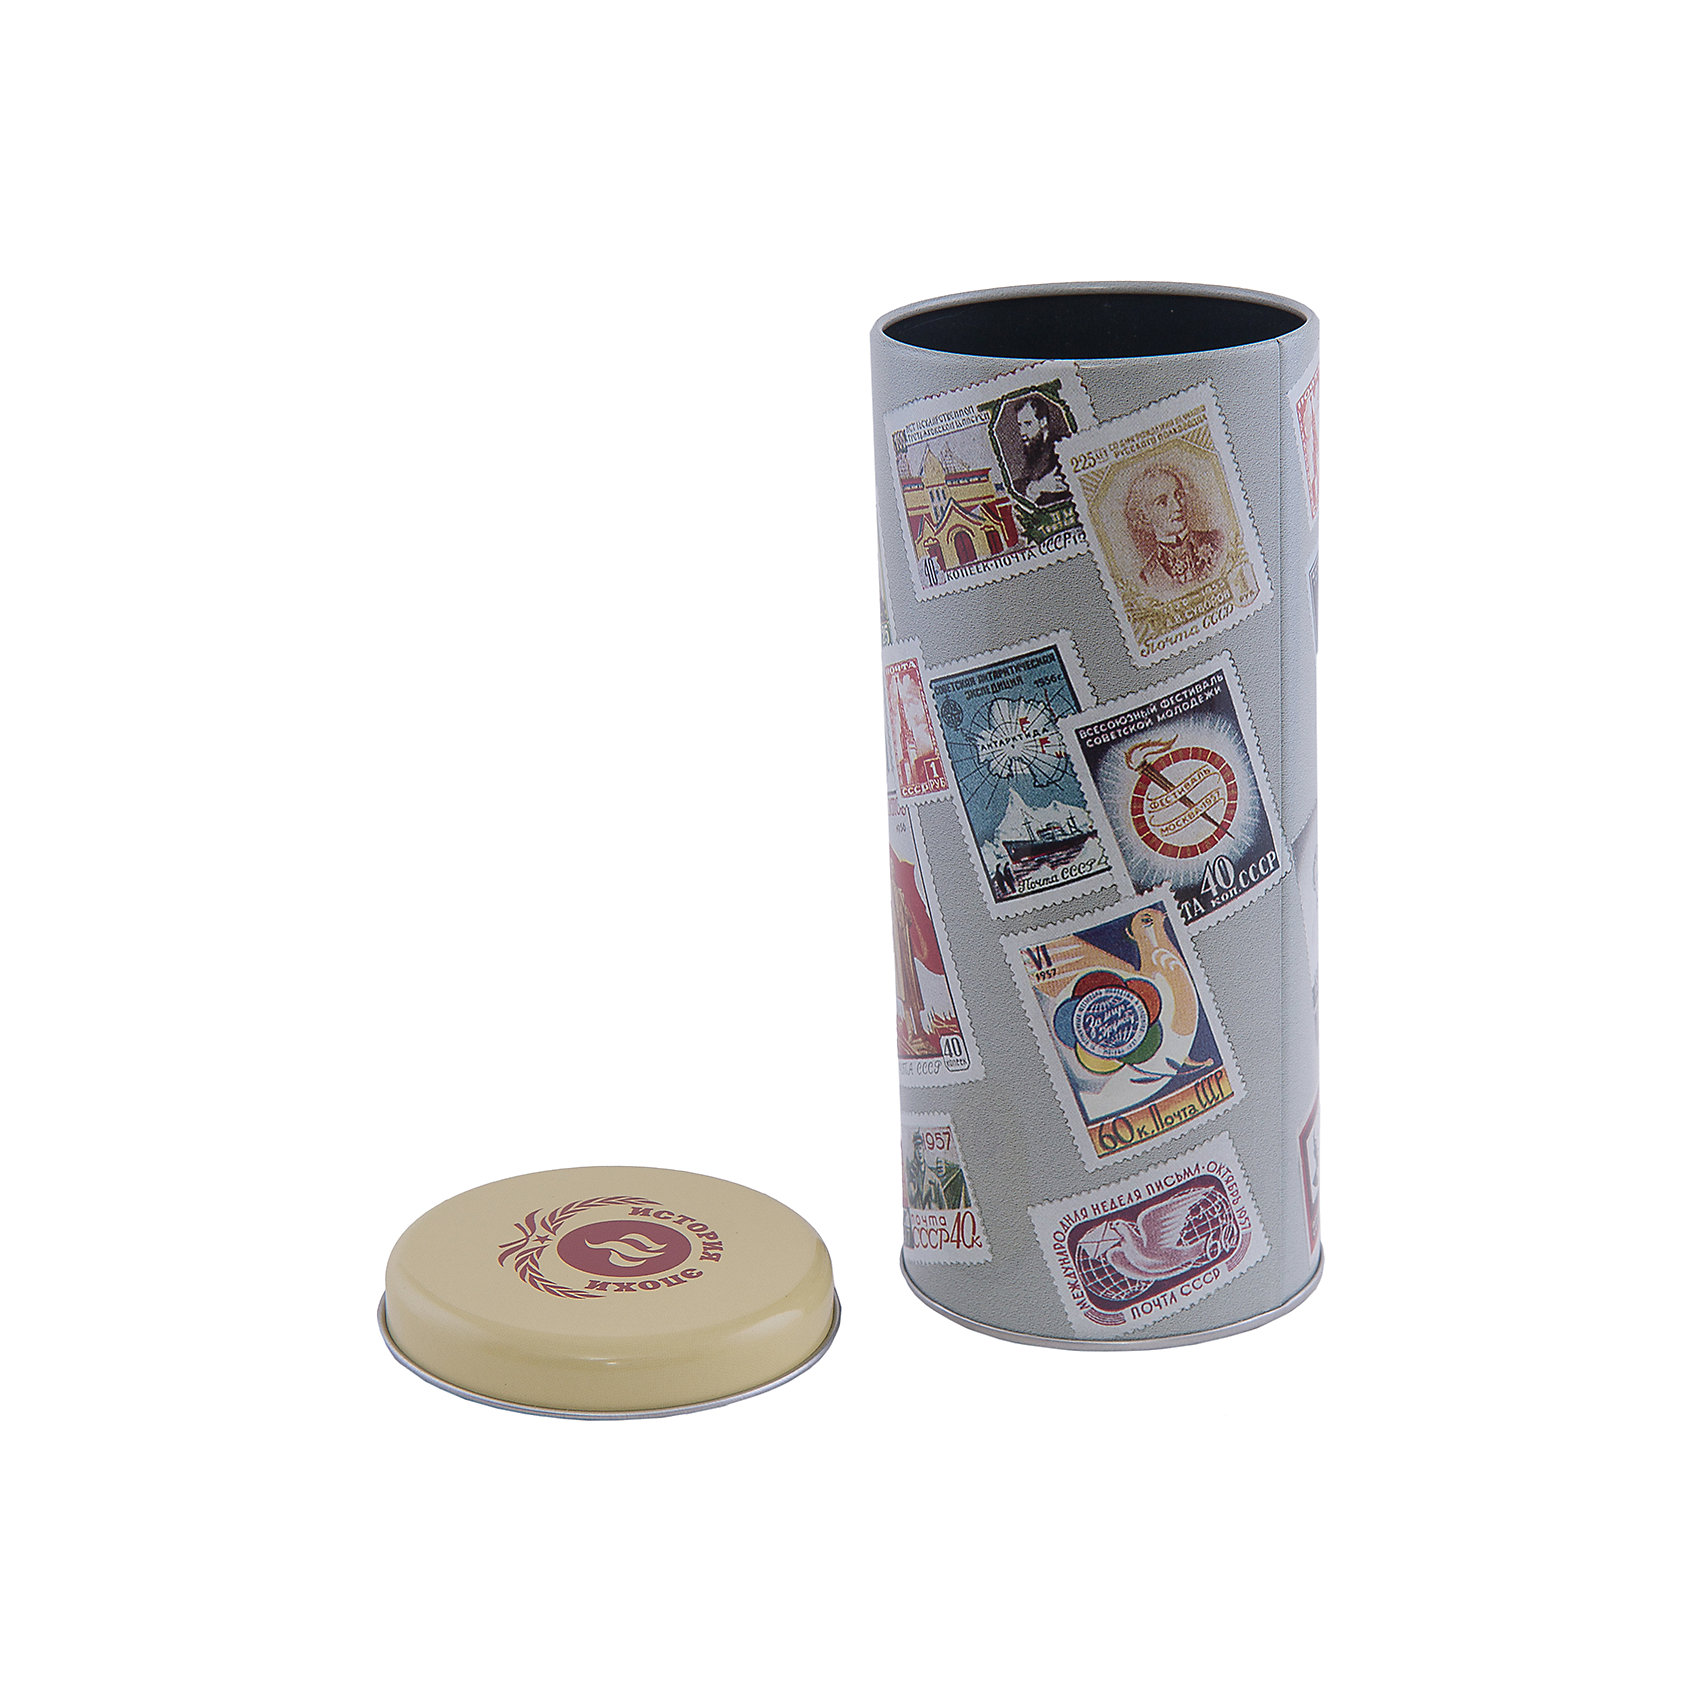 Феникс-Презент Емкость для сыпучих продуктов Почтовые марки 800мл емкости неполимерные konono банка для сыпучих продуктов 800мл